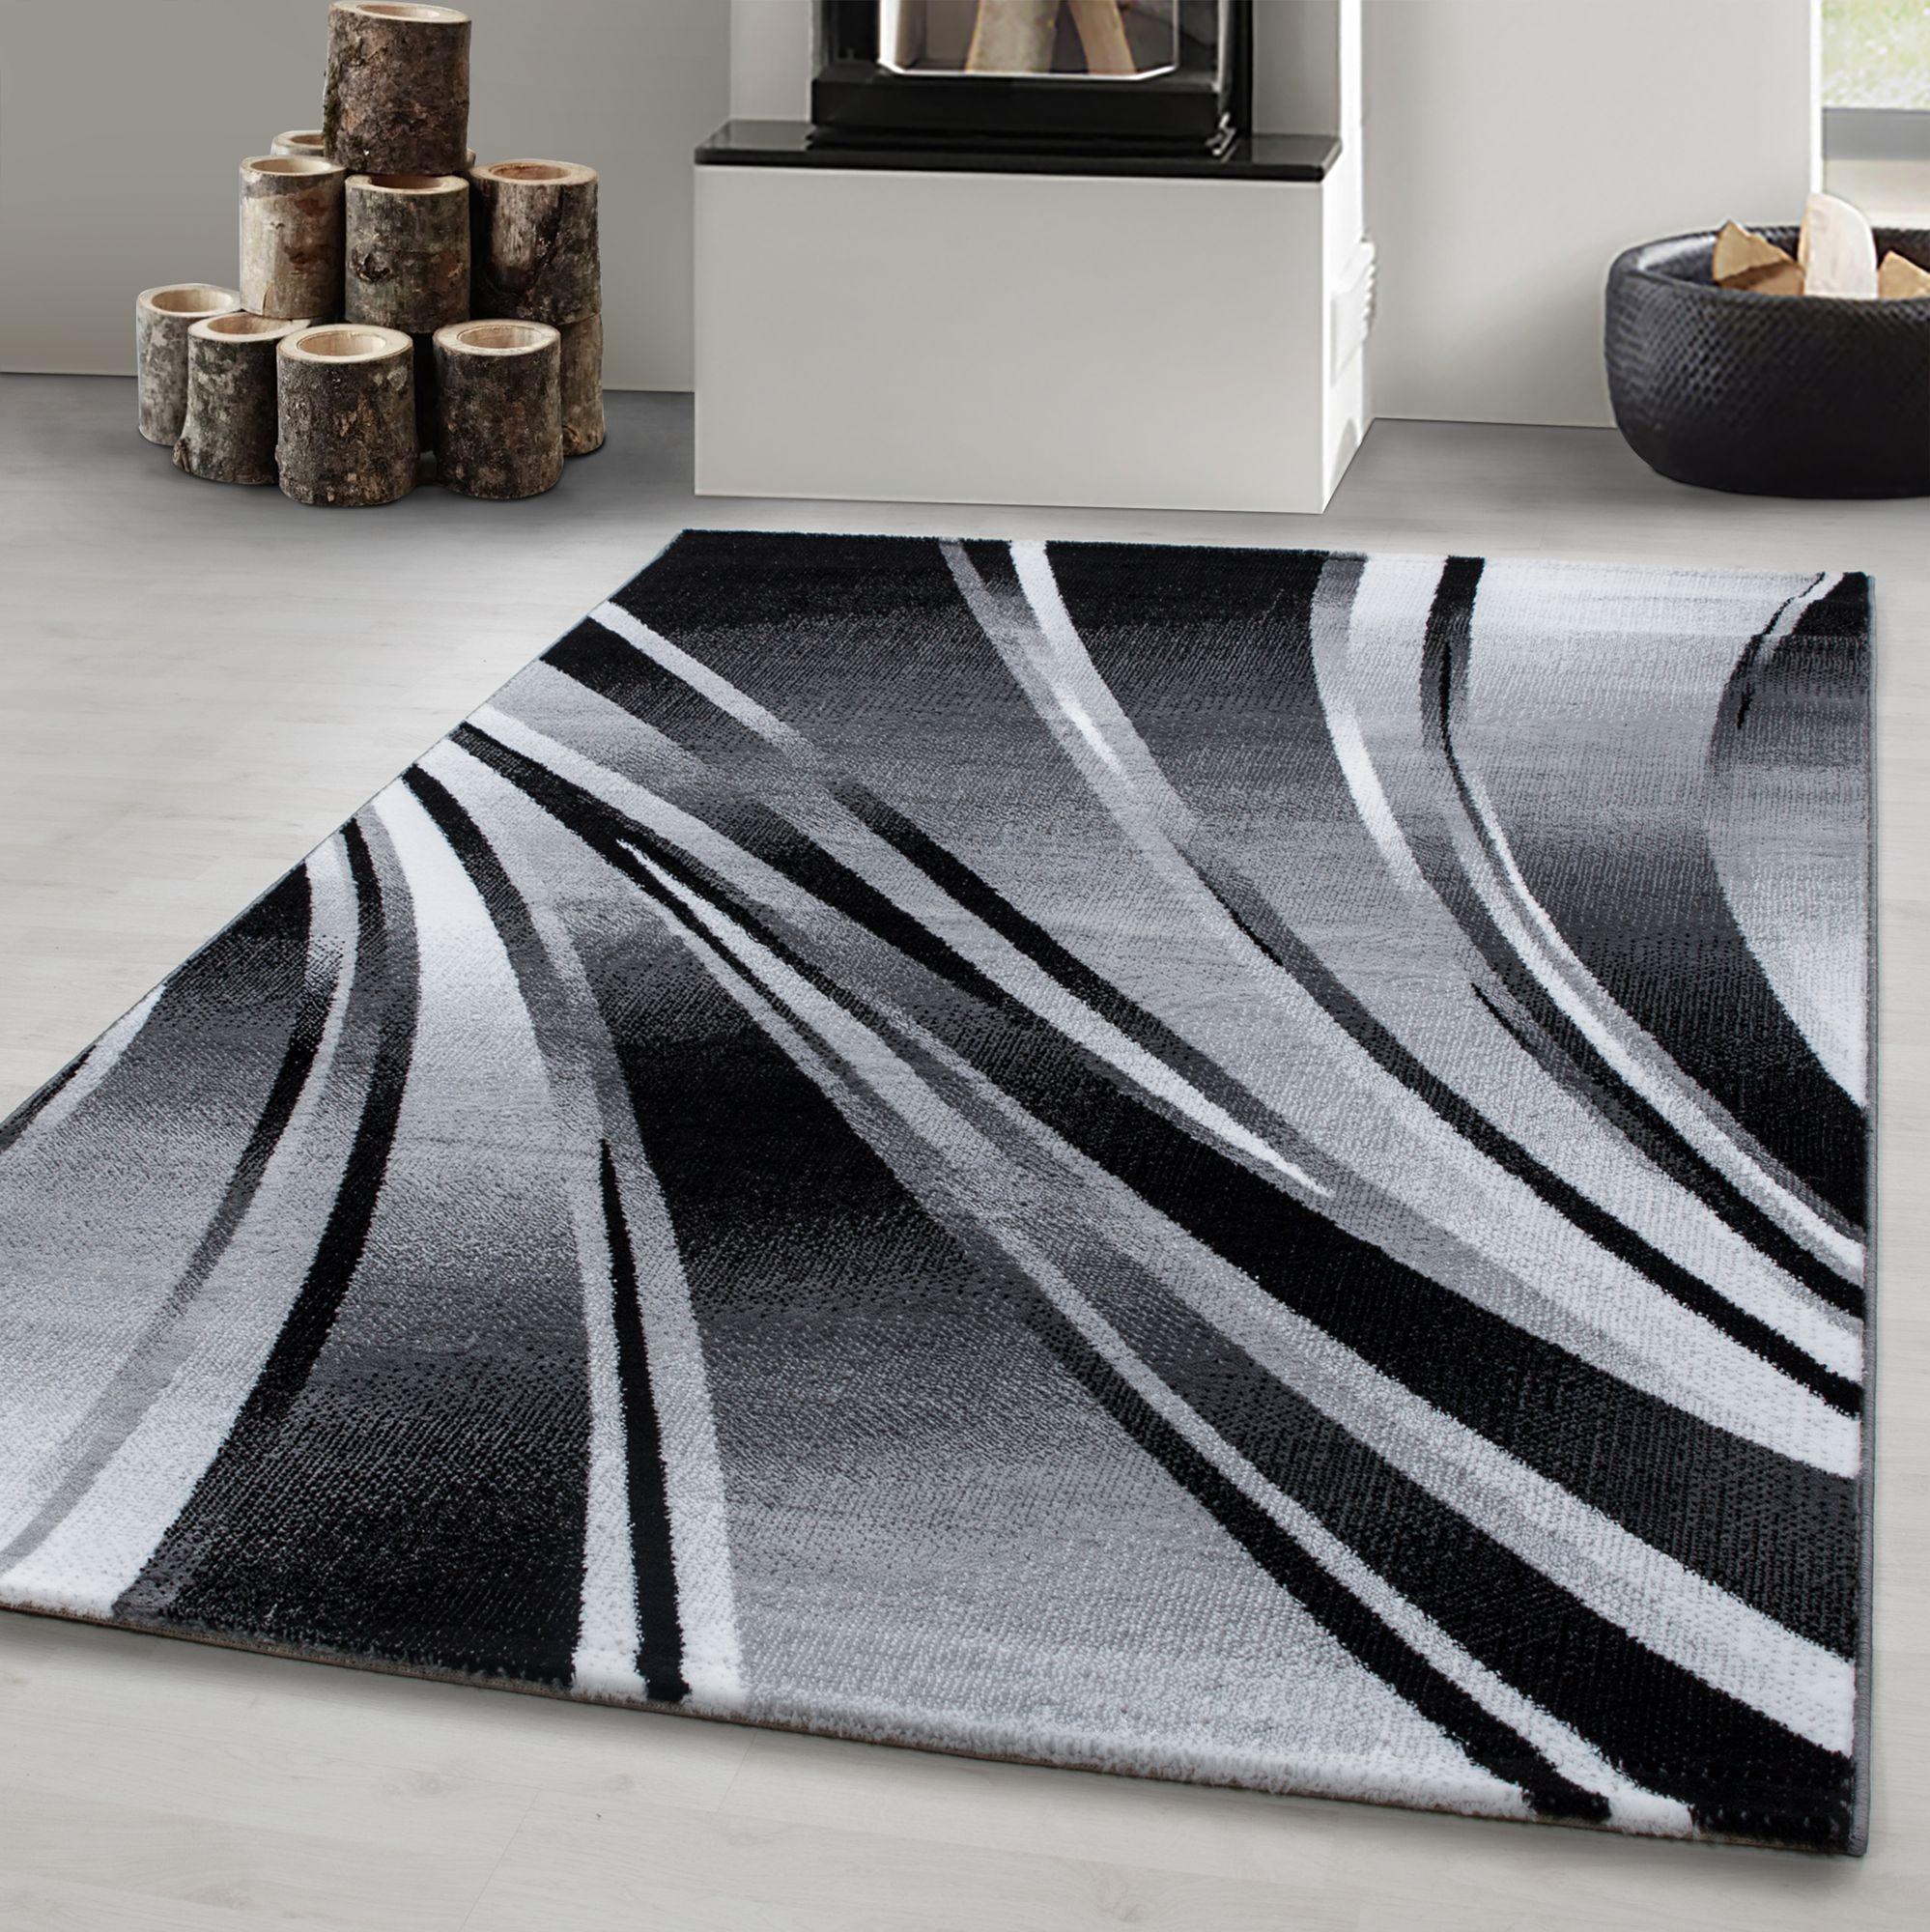 Teppich modern Designer Wohnzimmer Abstrakt Wellen Muster Schwarz Grau Oeko  Tex   Mono Home GmbH